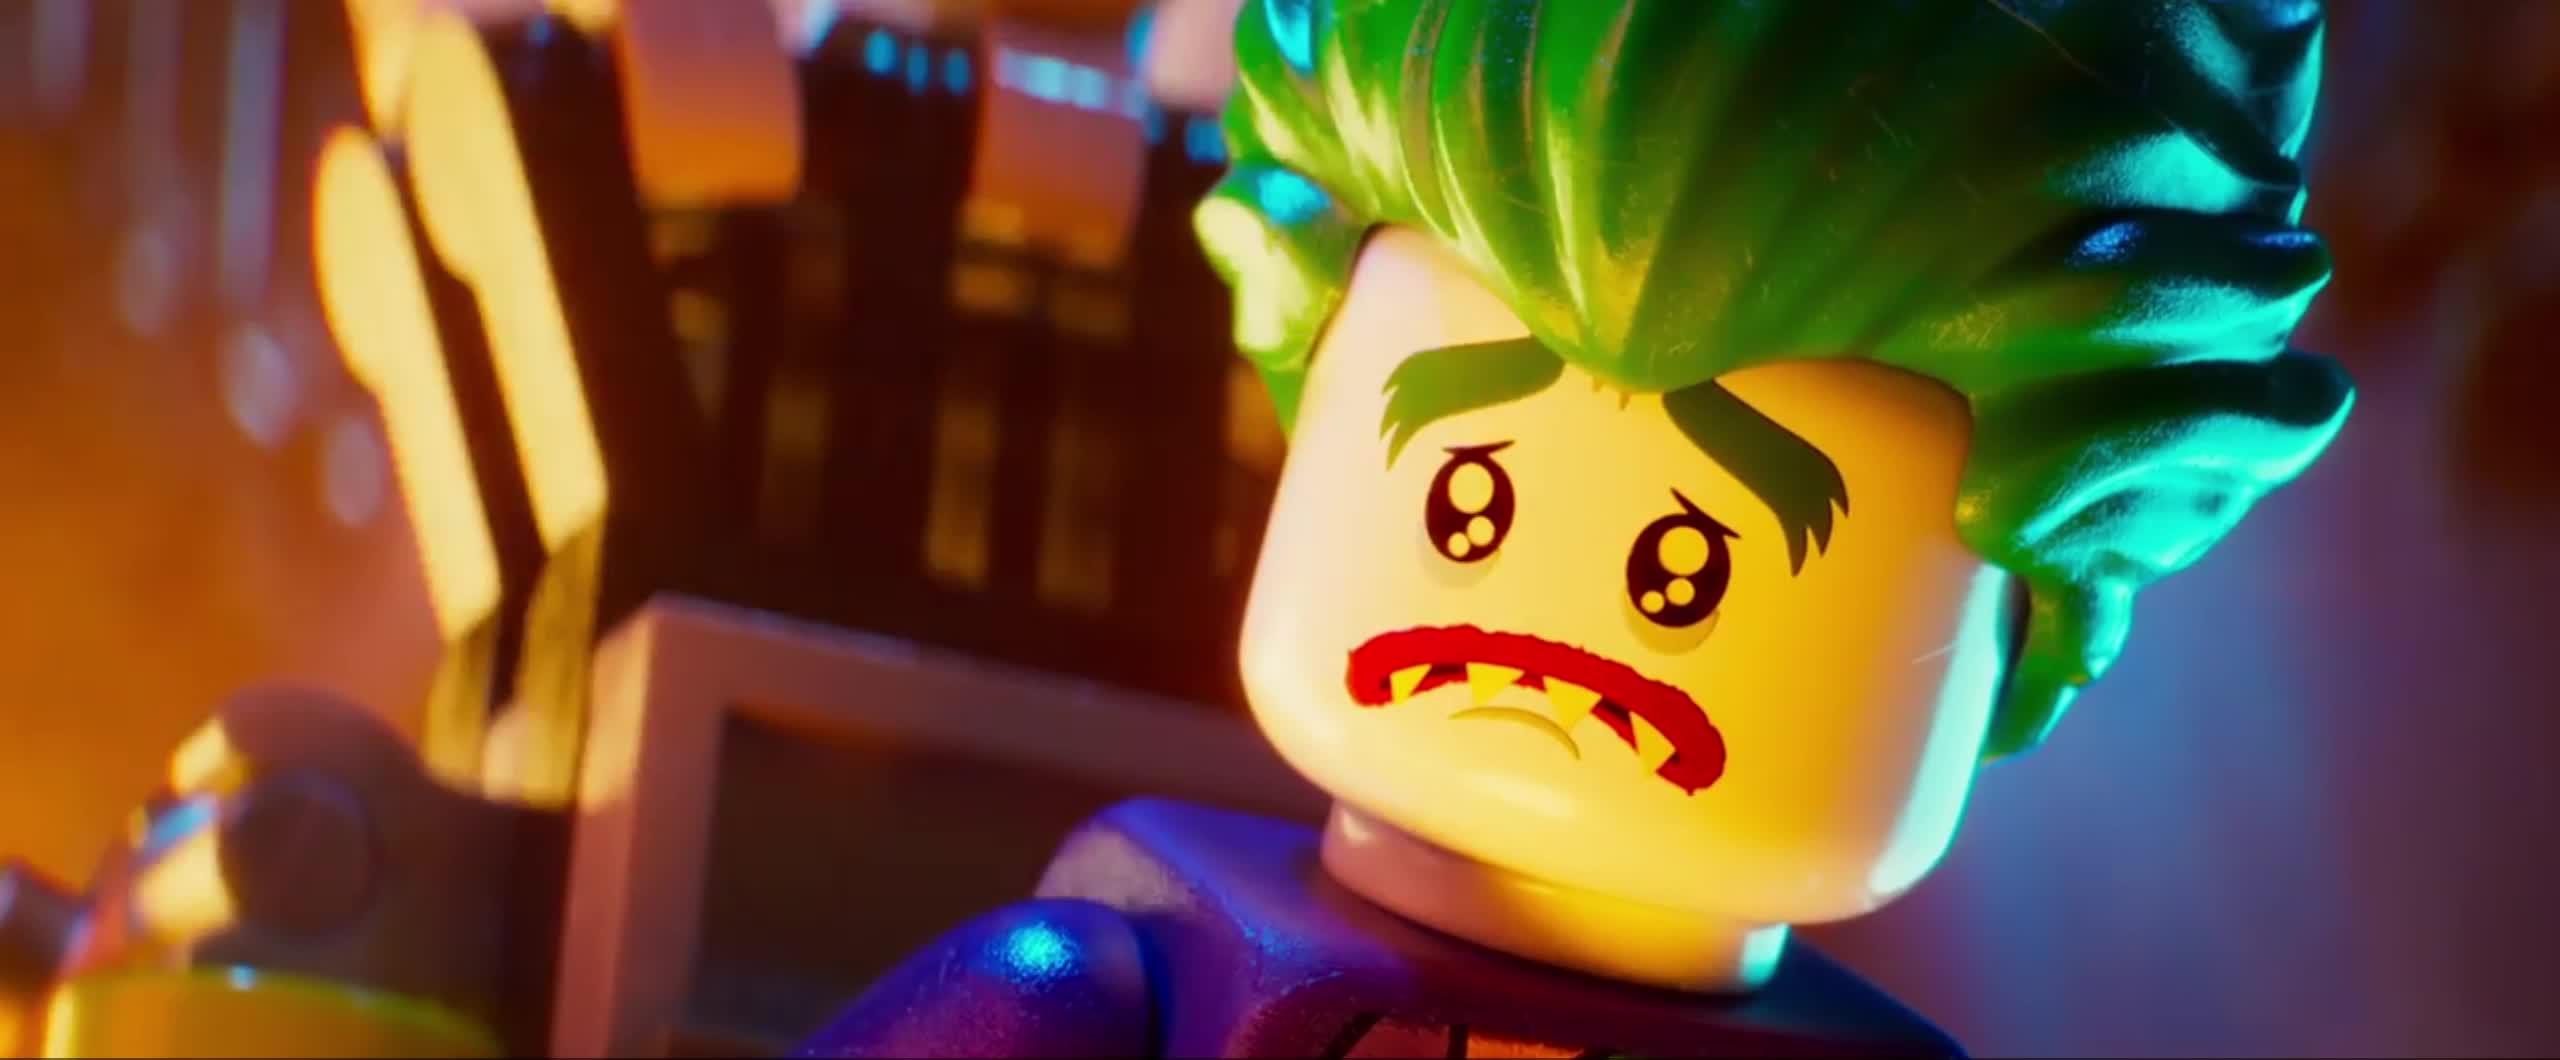 Лего Фильм Бэтмен  первый трейлер  YouTube